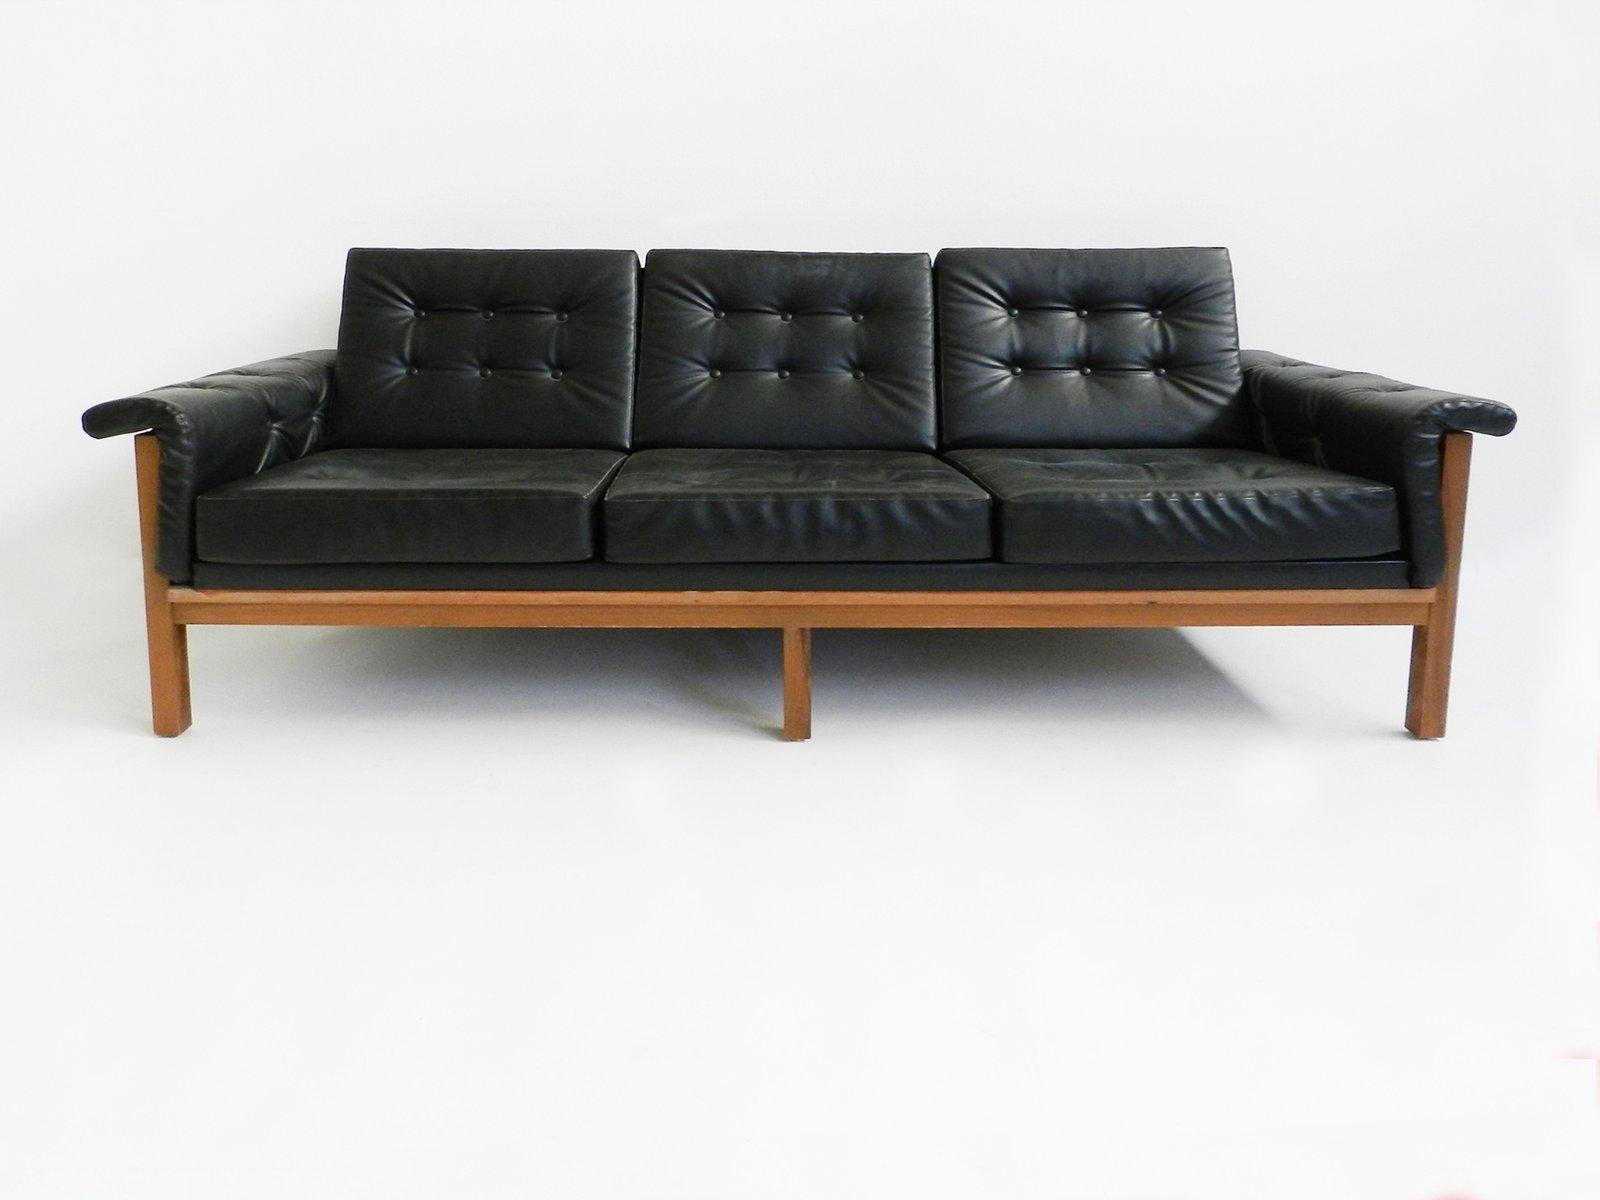 Schwarzes Dänisches Mid-Century Skai Drei-Sitzer Sofa